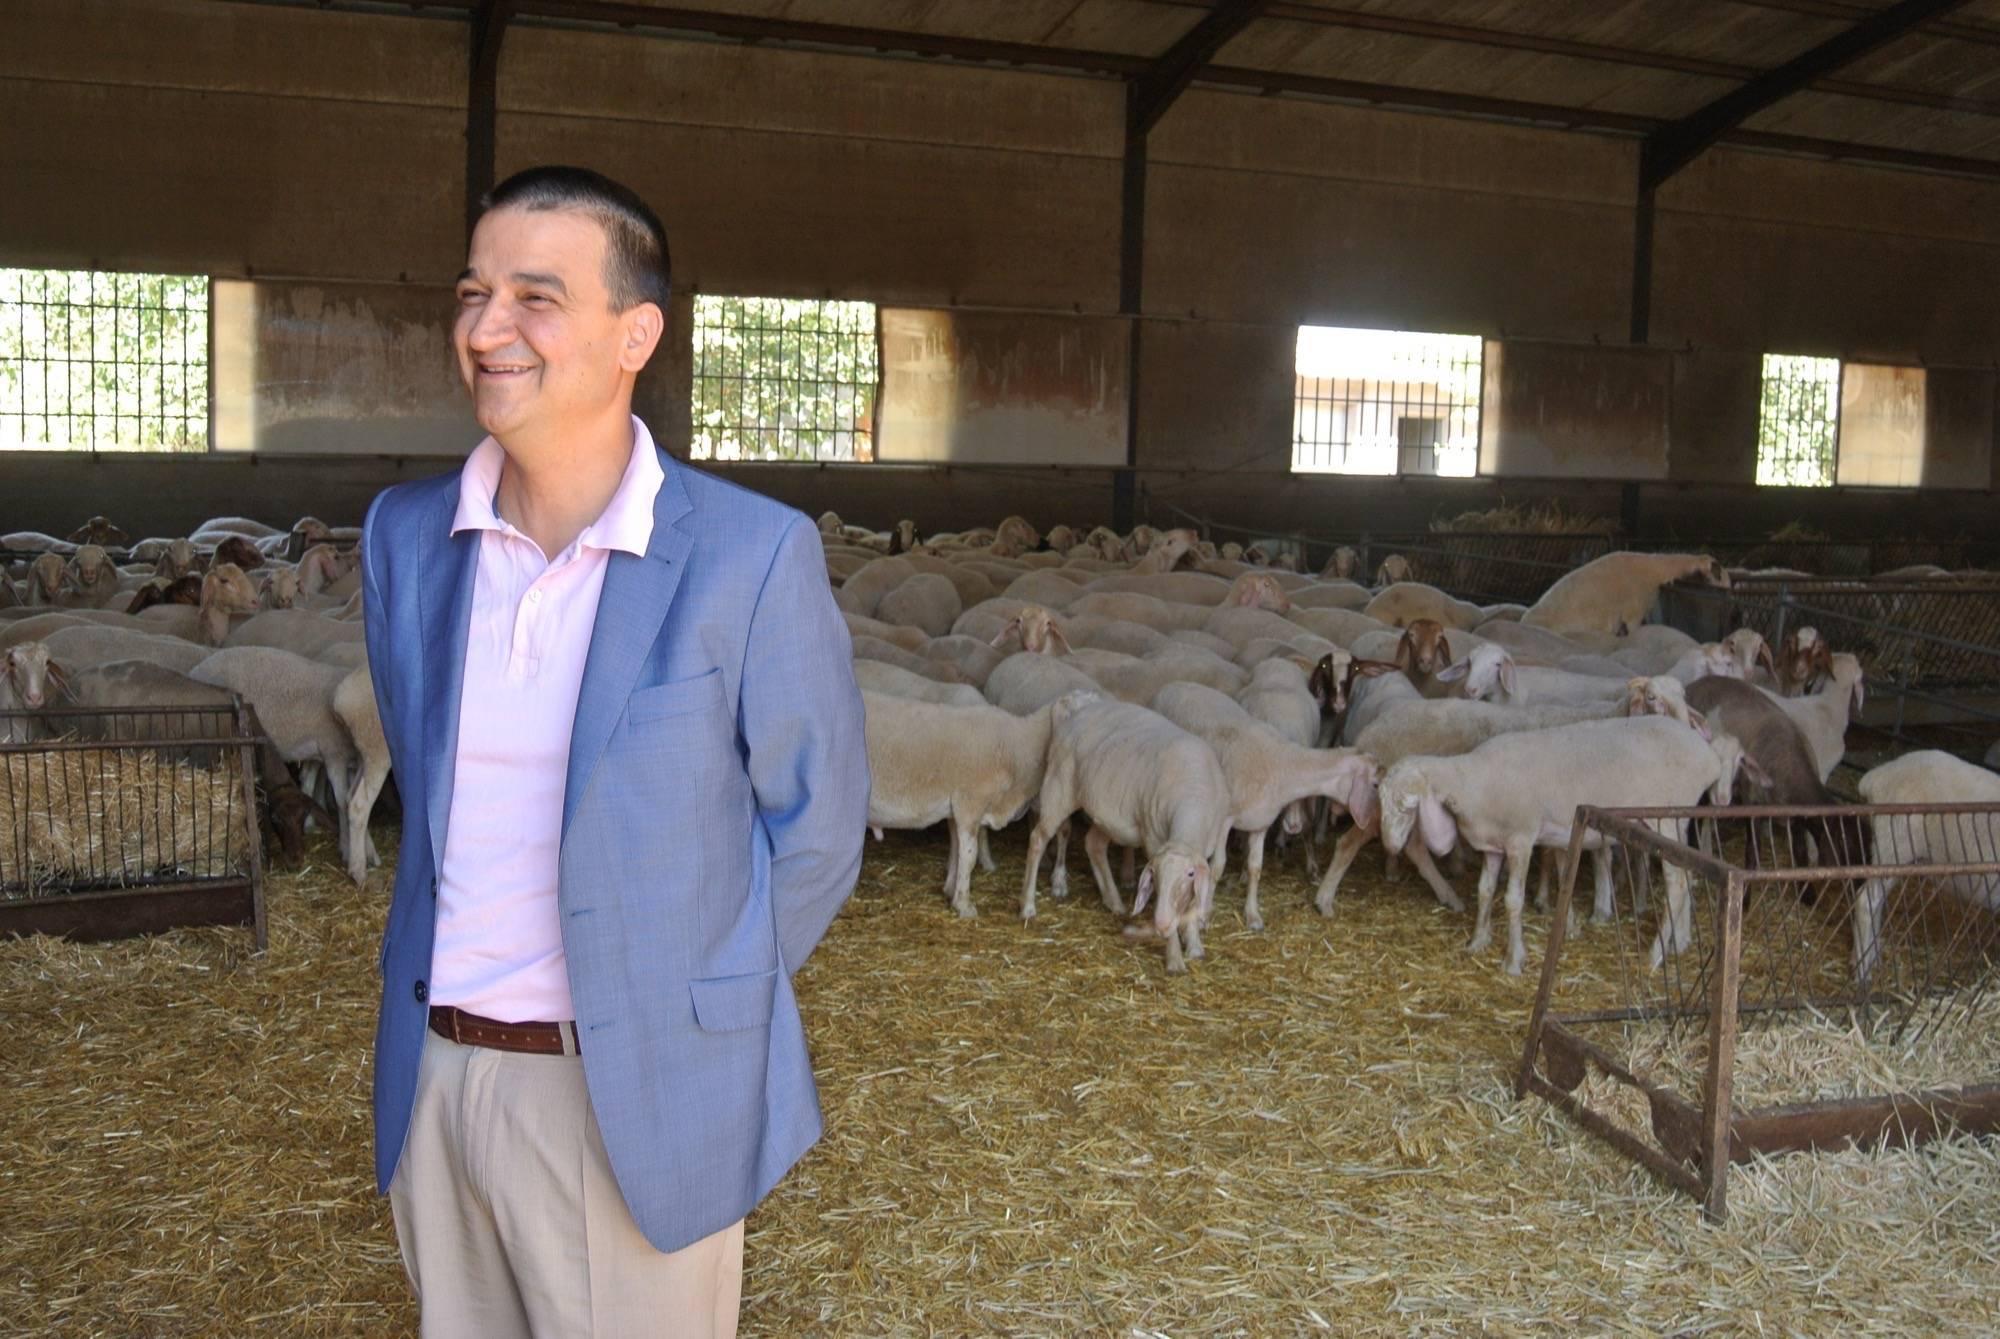 consejero de agricultura en herencia ciudad real